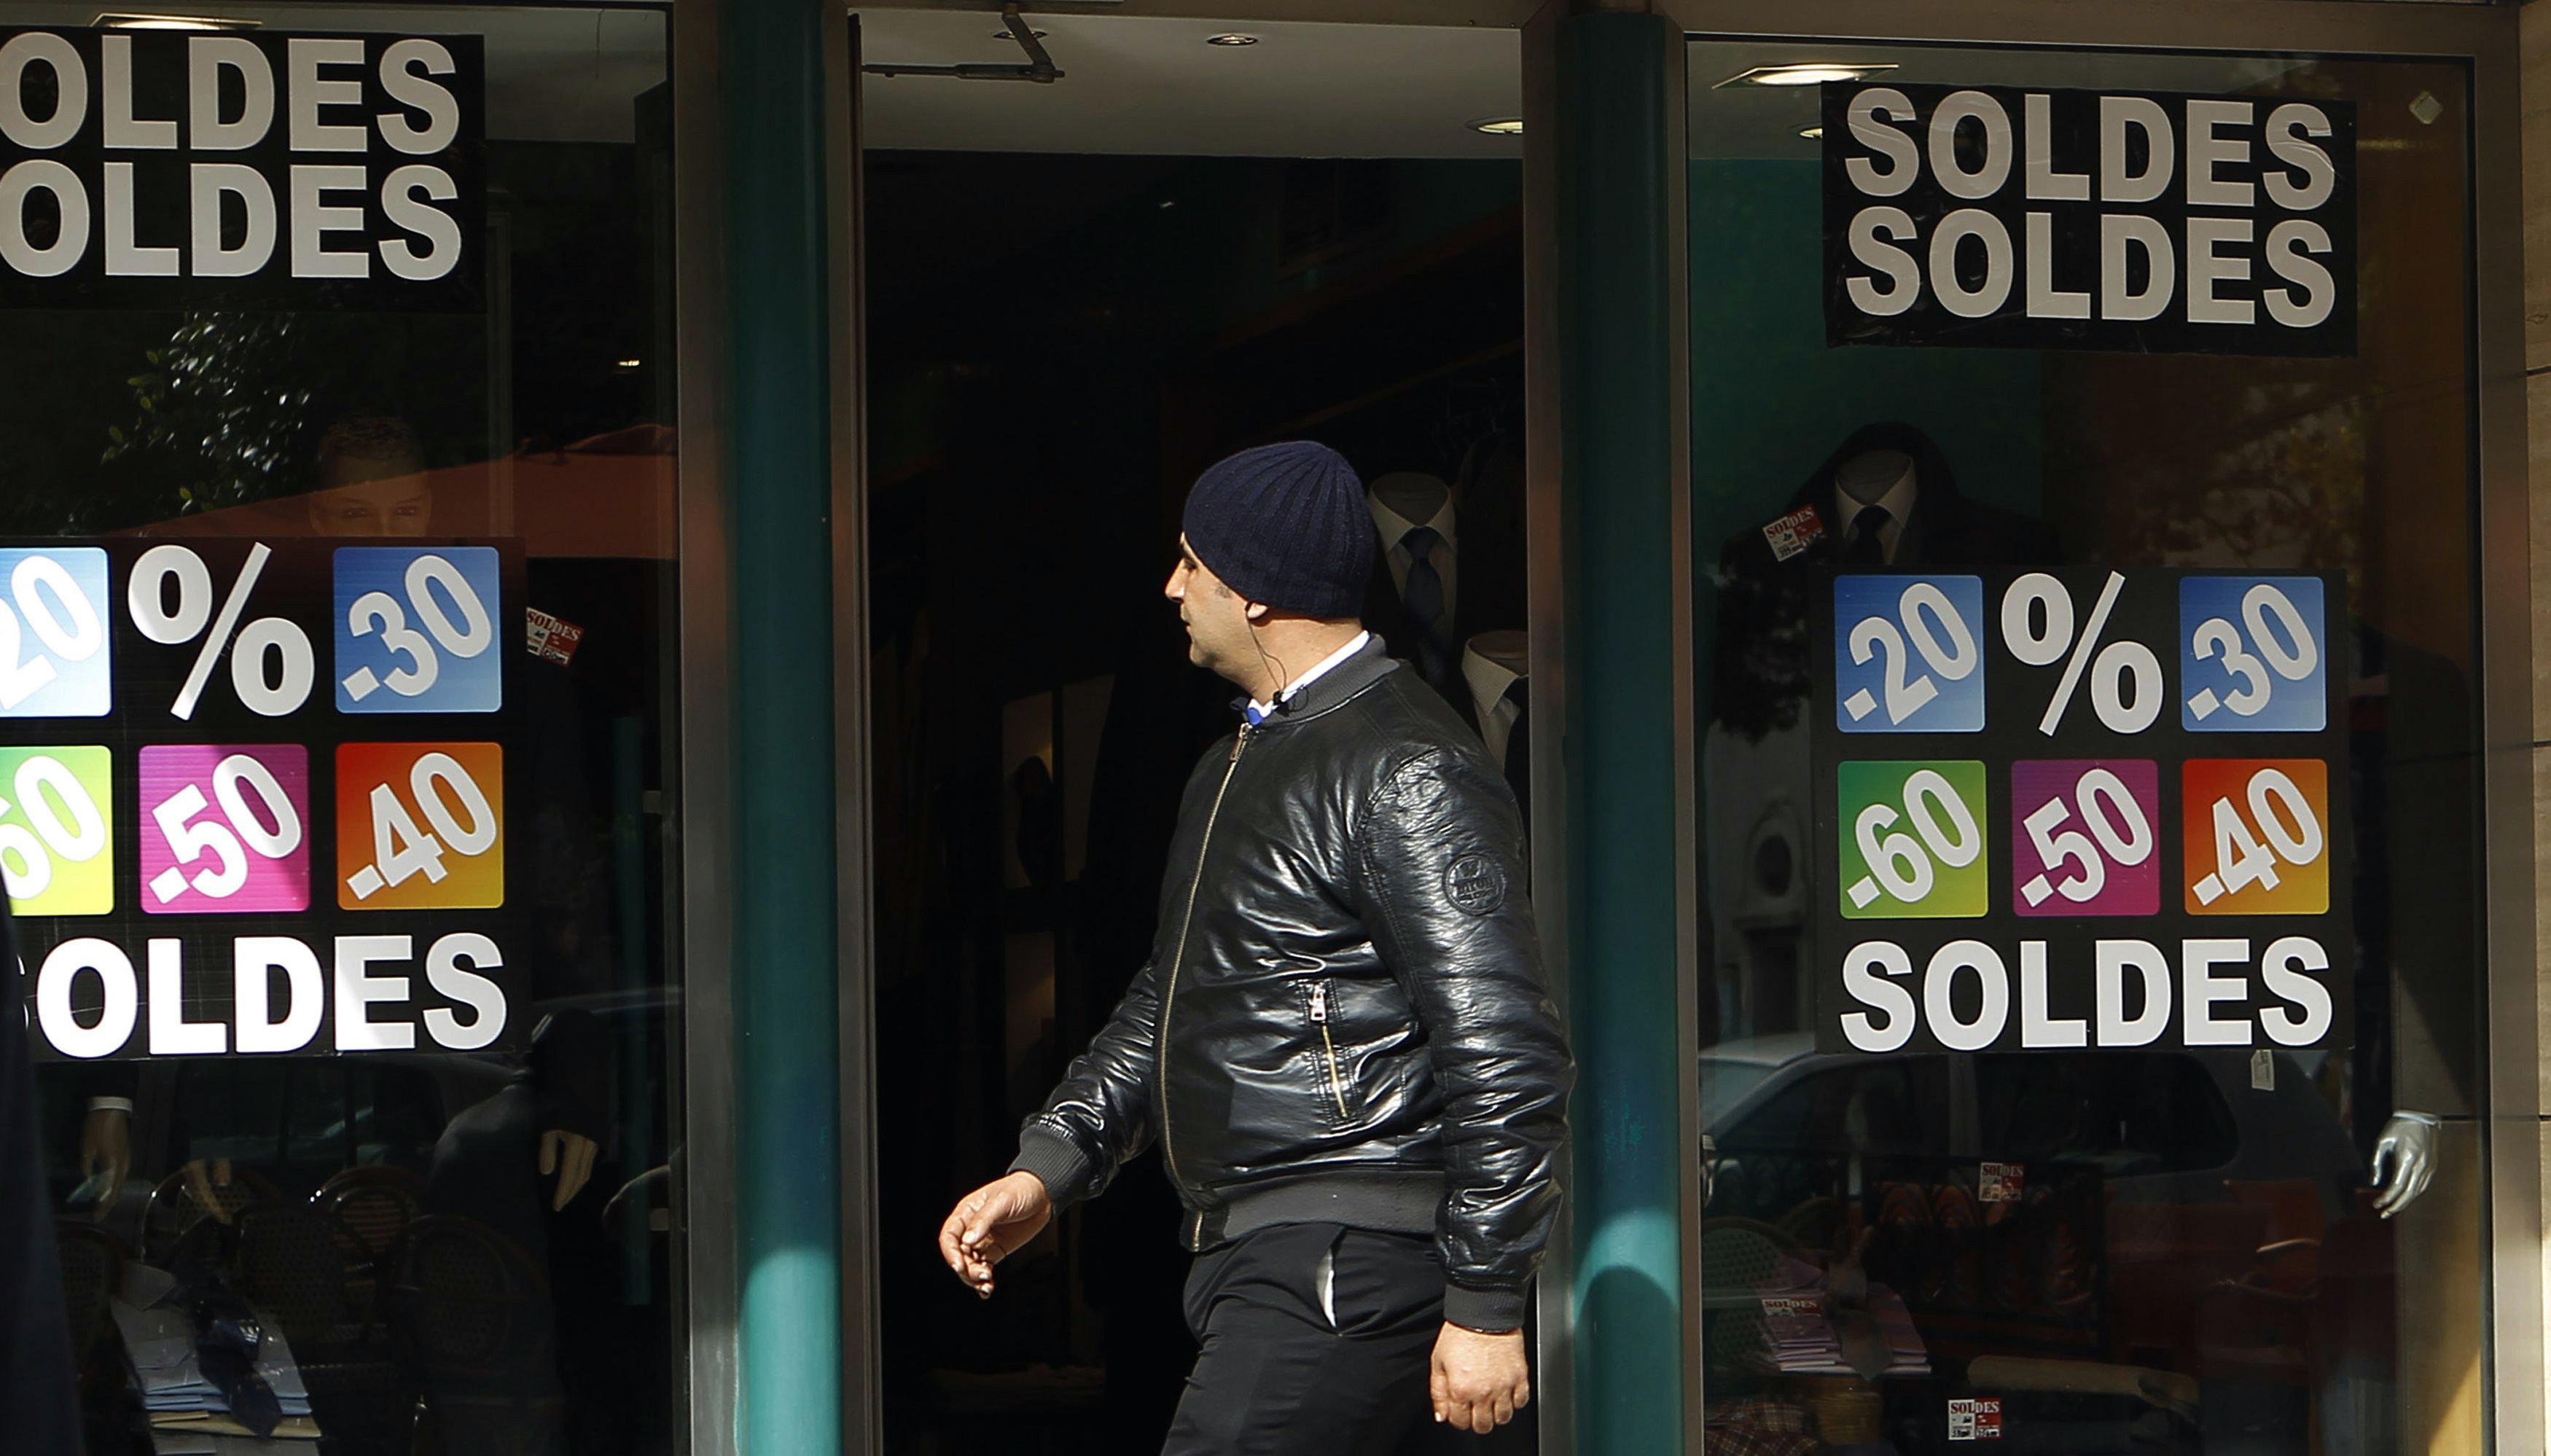 Seulement 8% des familles tunisiennes consacrent un budget pour la saison des